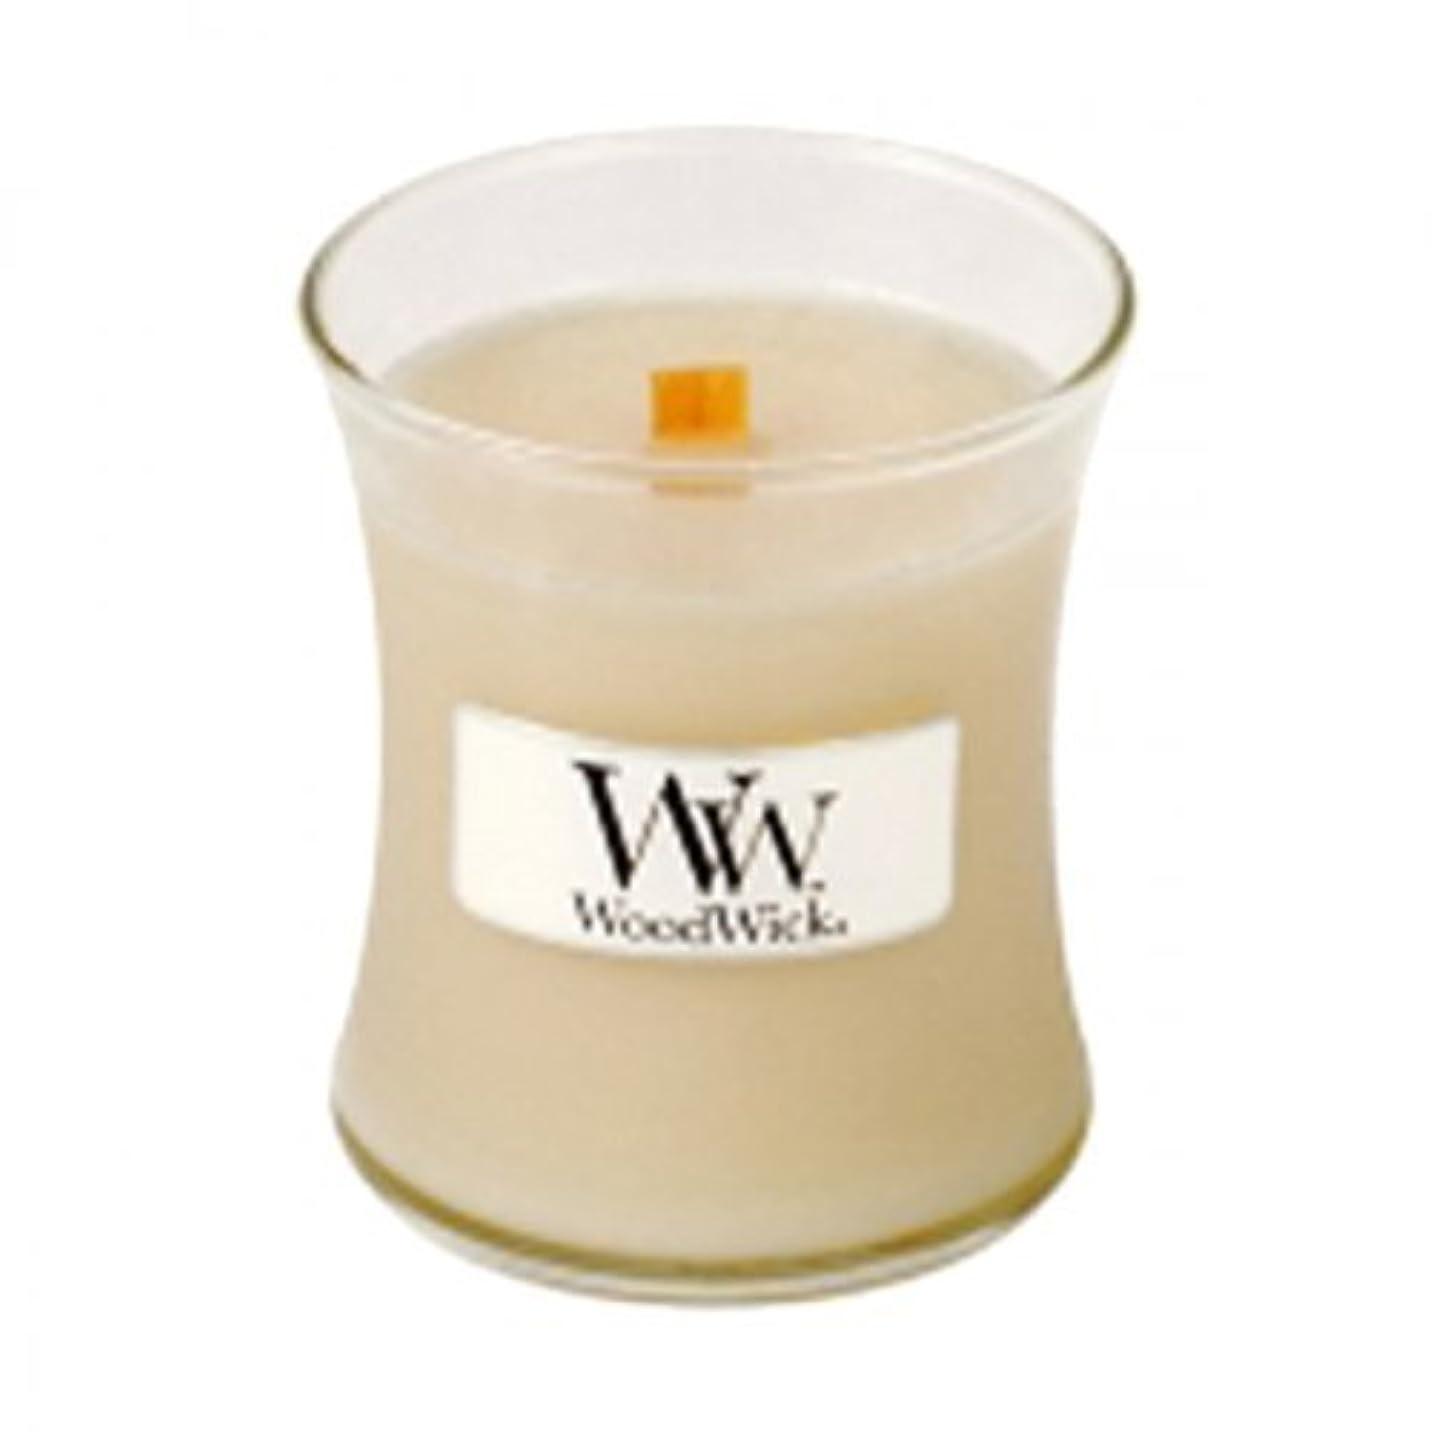 やがて勝つ農場Woodwick Jar Candle (Small) (At The Beach)